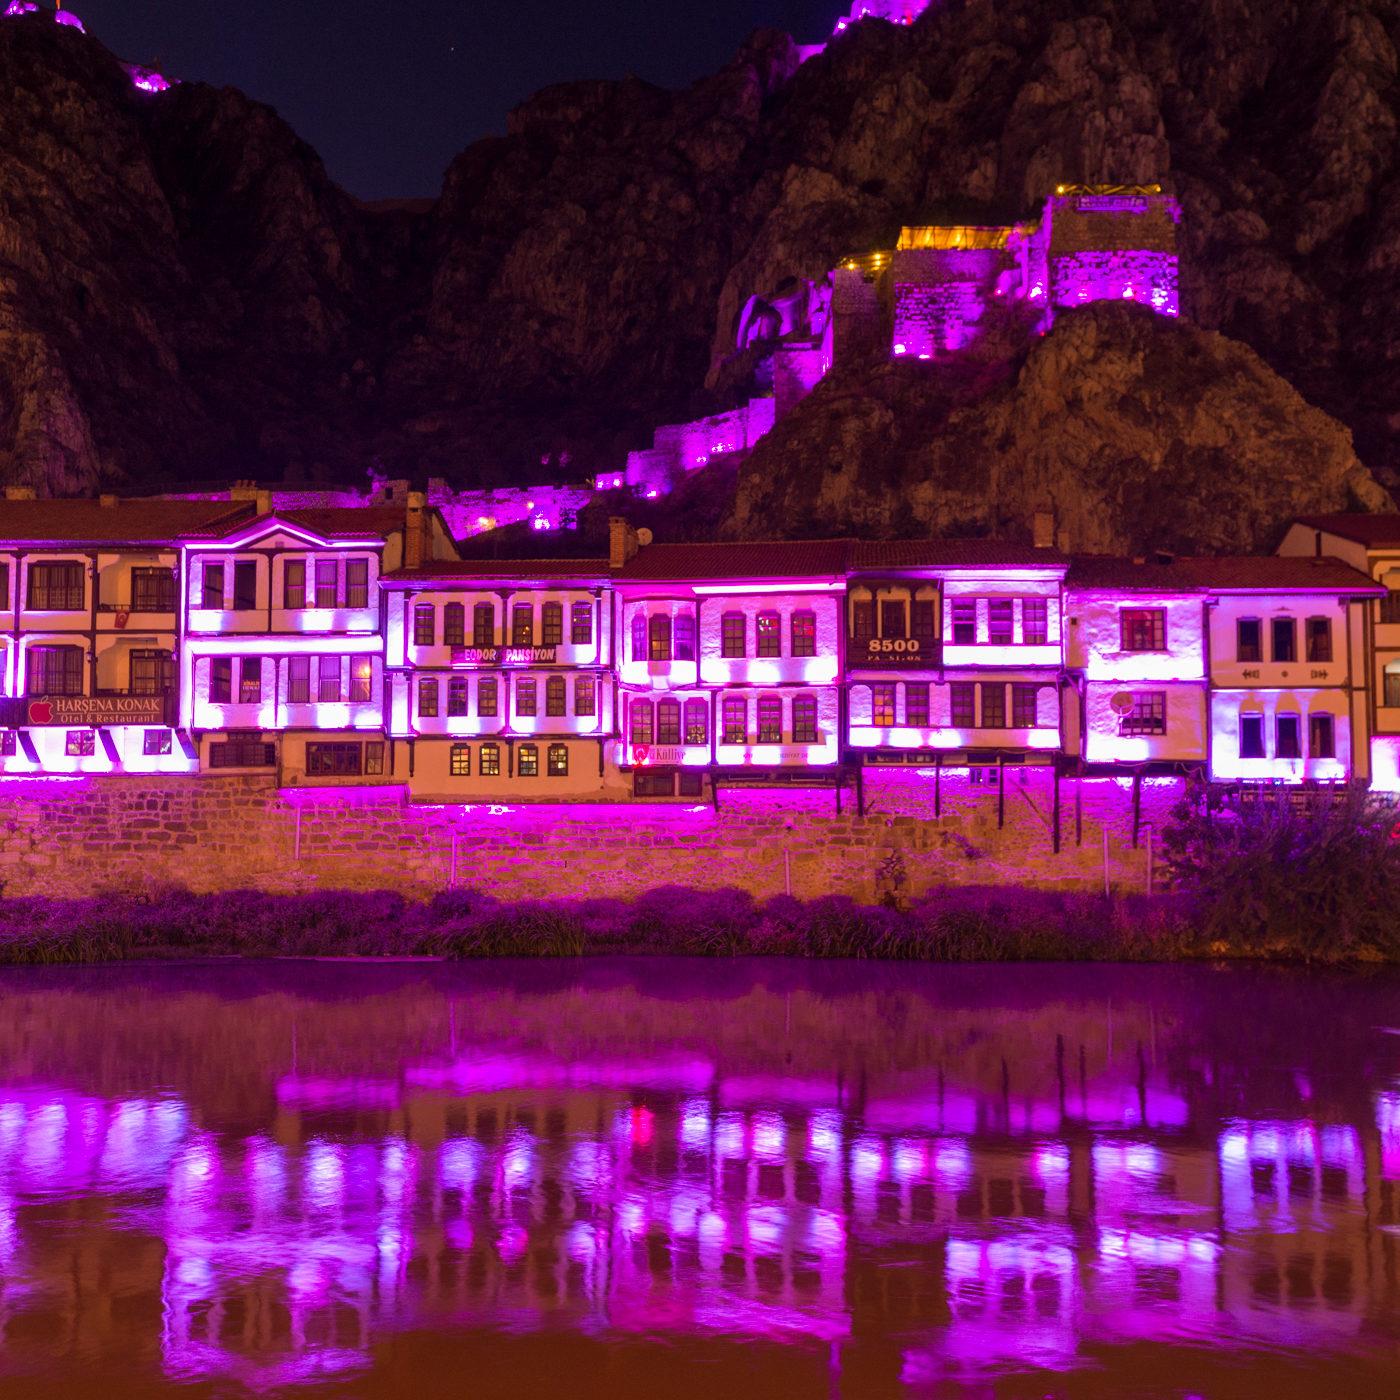 AMASYA / アマスヤの町は切り立った崖に挟まれ、町の中央を小さな川が流れる。日暮れになると旧市街は電飾され、日中と異なる姿を見せる。ピンク色のイルミネーション。